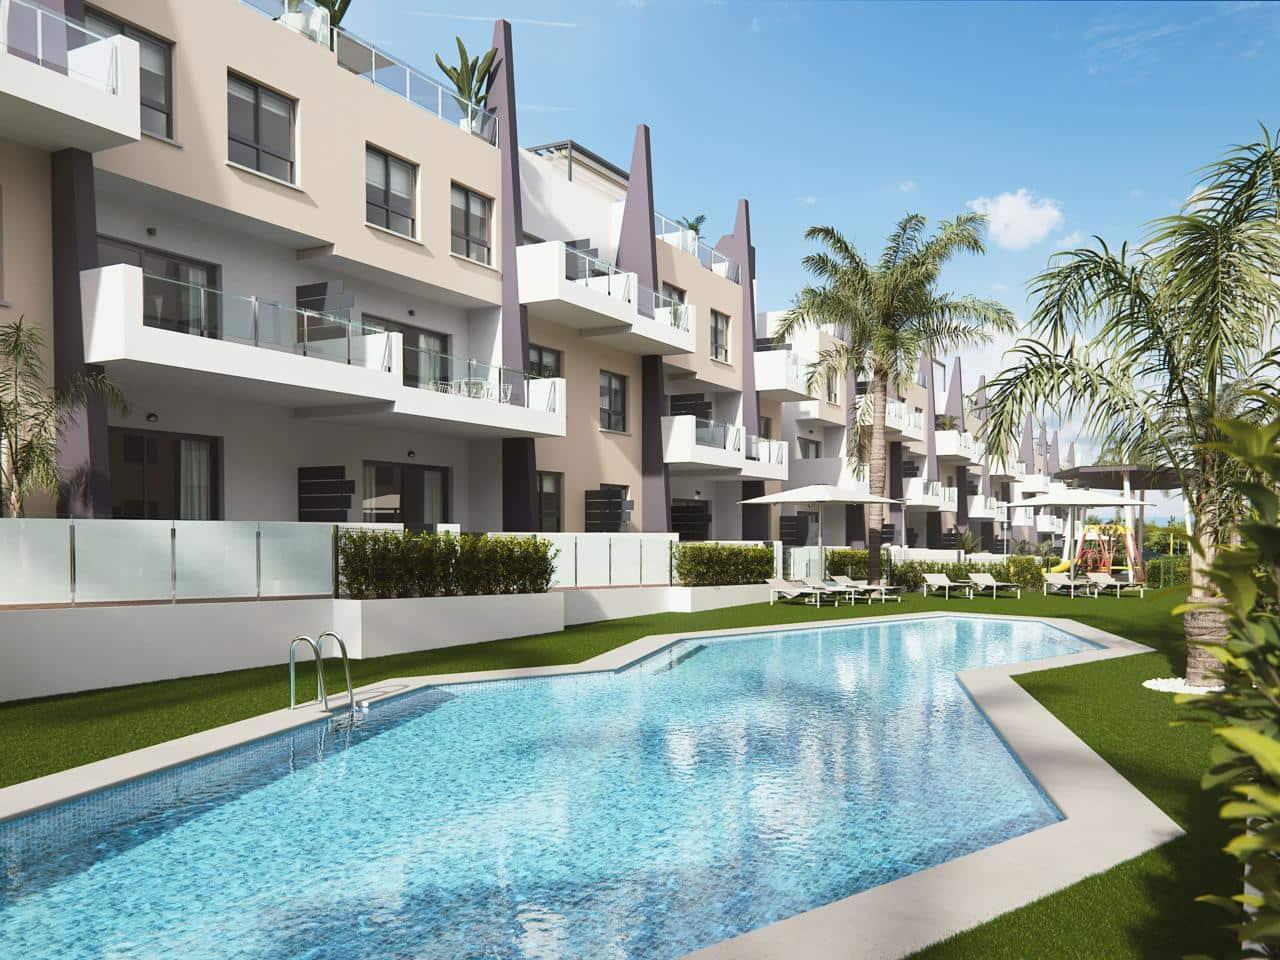 Piso de 3 habitaciones en Pilar de la Horadada en venta con piscina garaje - 164.000 € (Ref: 4403876)